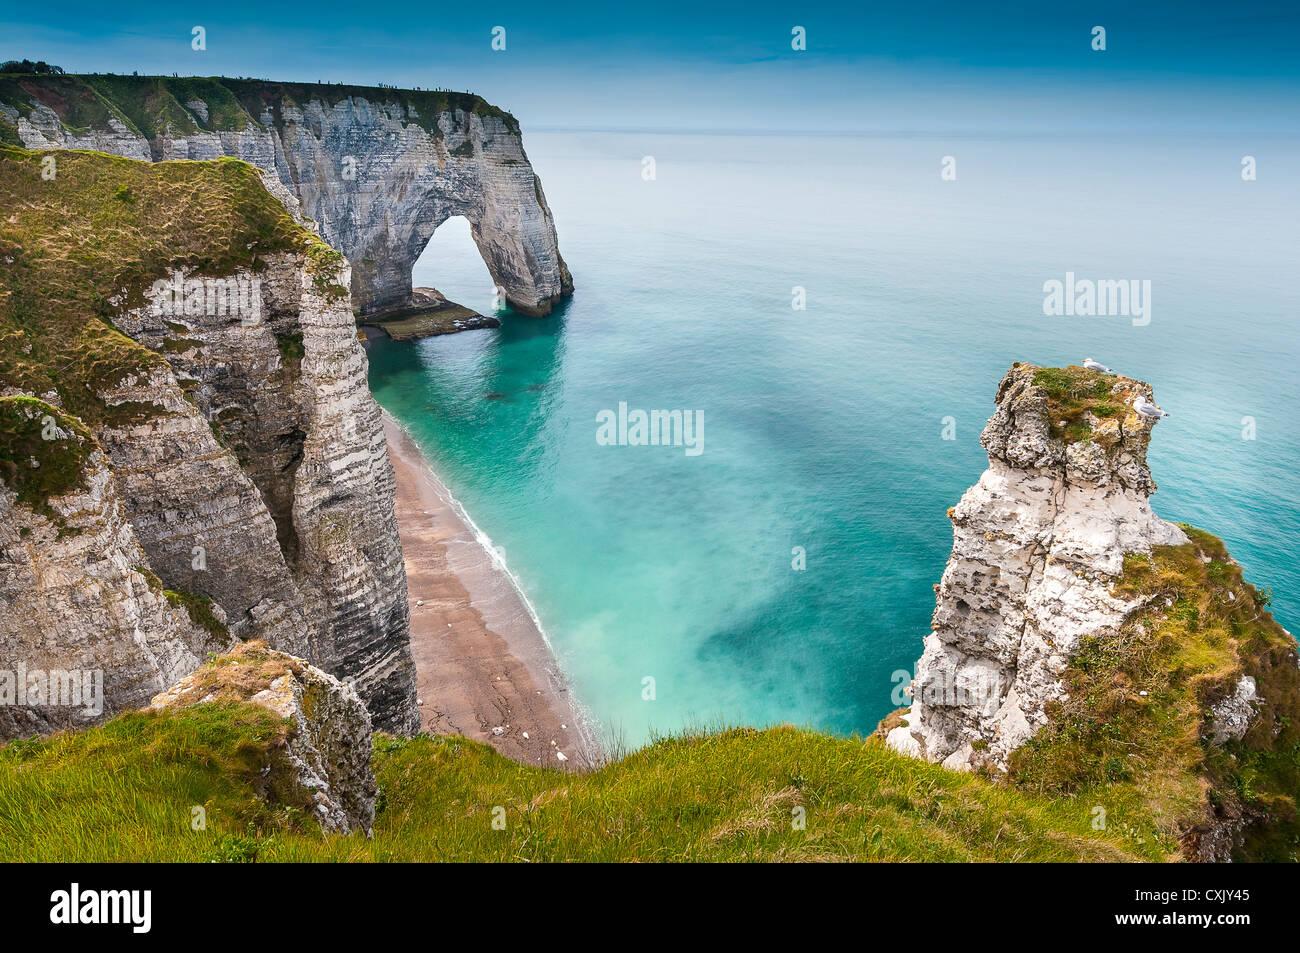 France, Normandy, Coast, Etretat, France, Europe - Stock Image